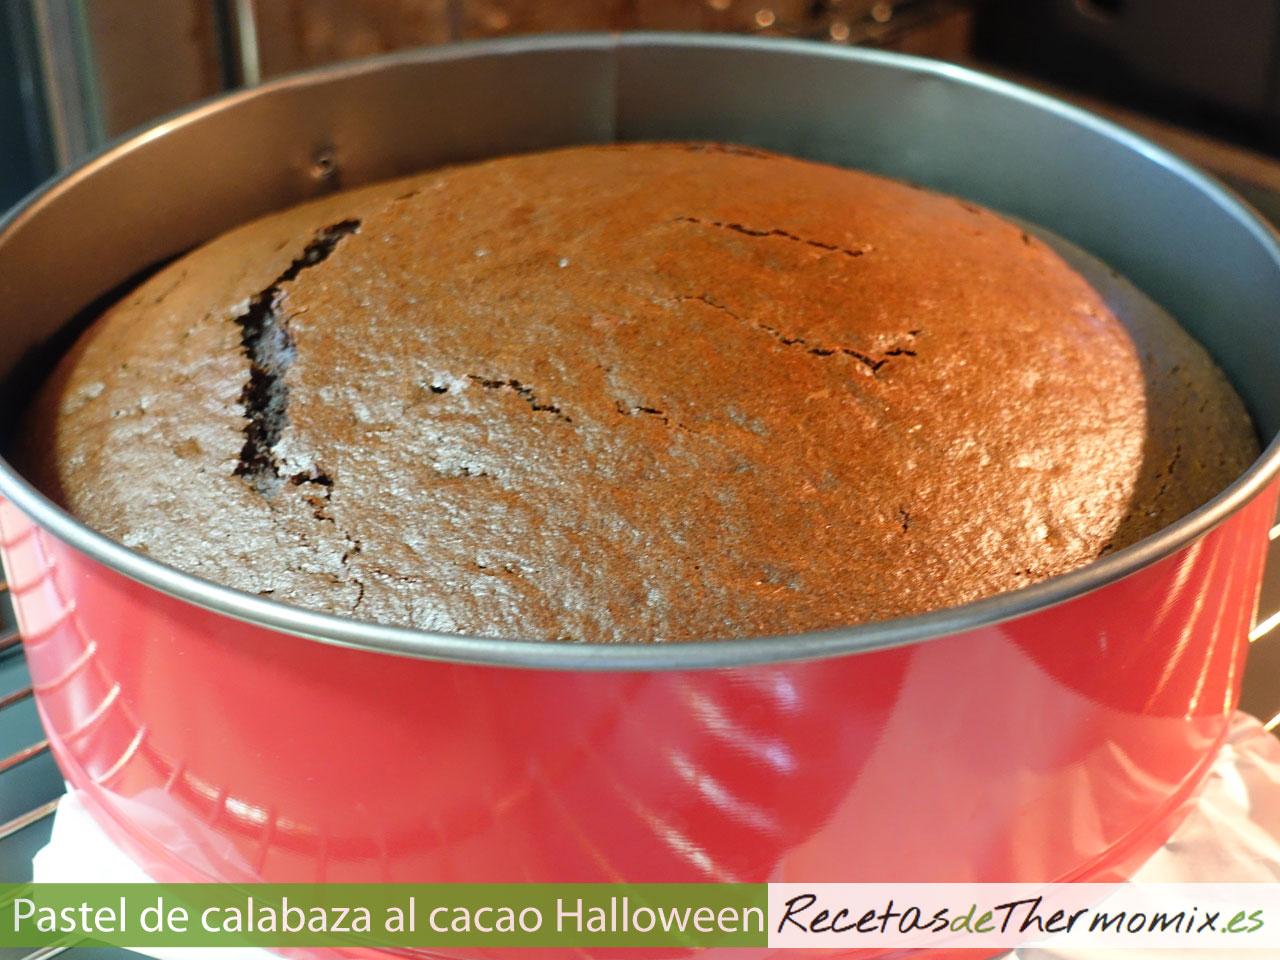 Cómo hacer pastel de calabaza al cacao para Halloween con Thermomix